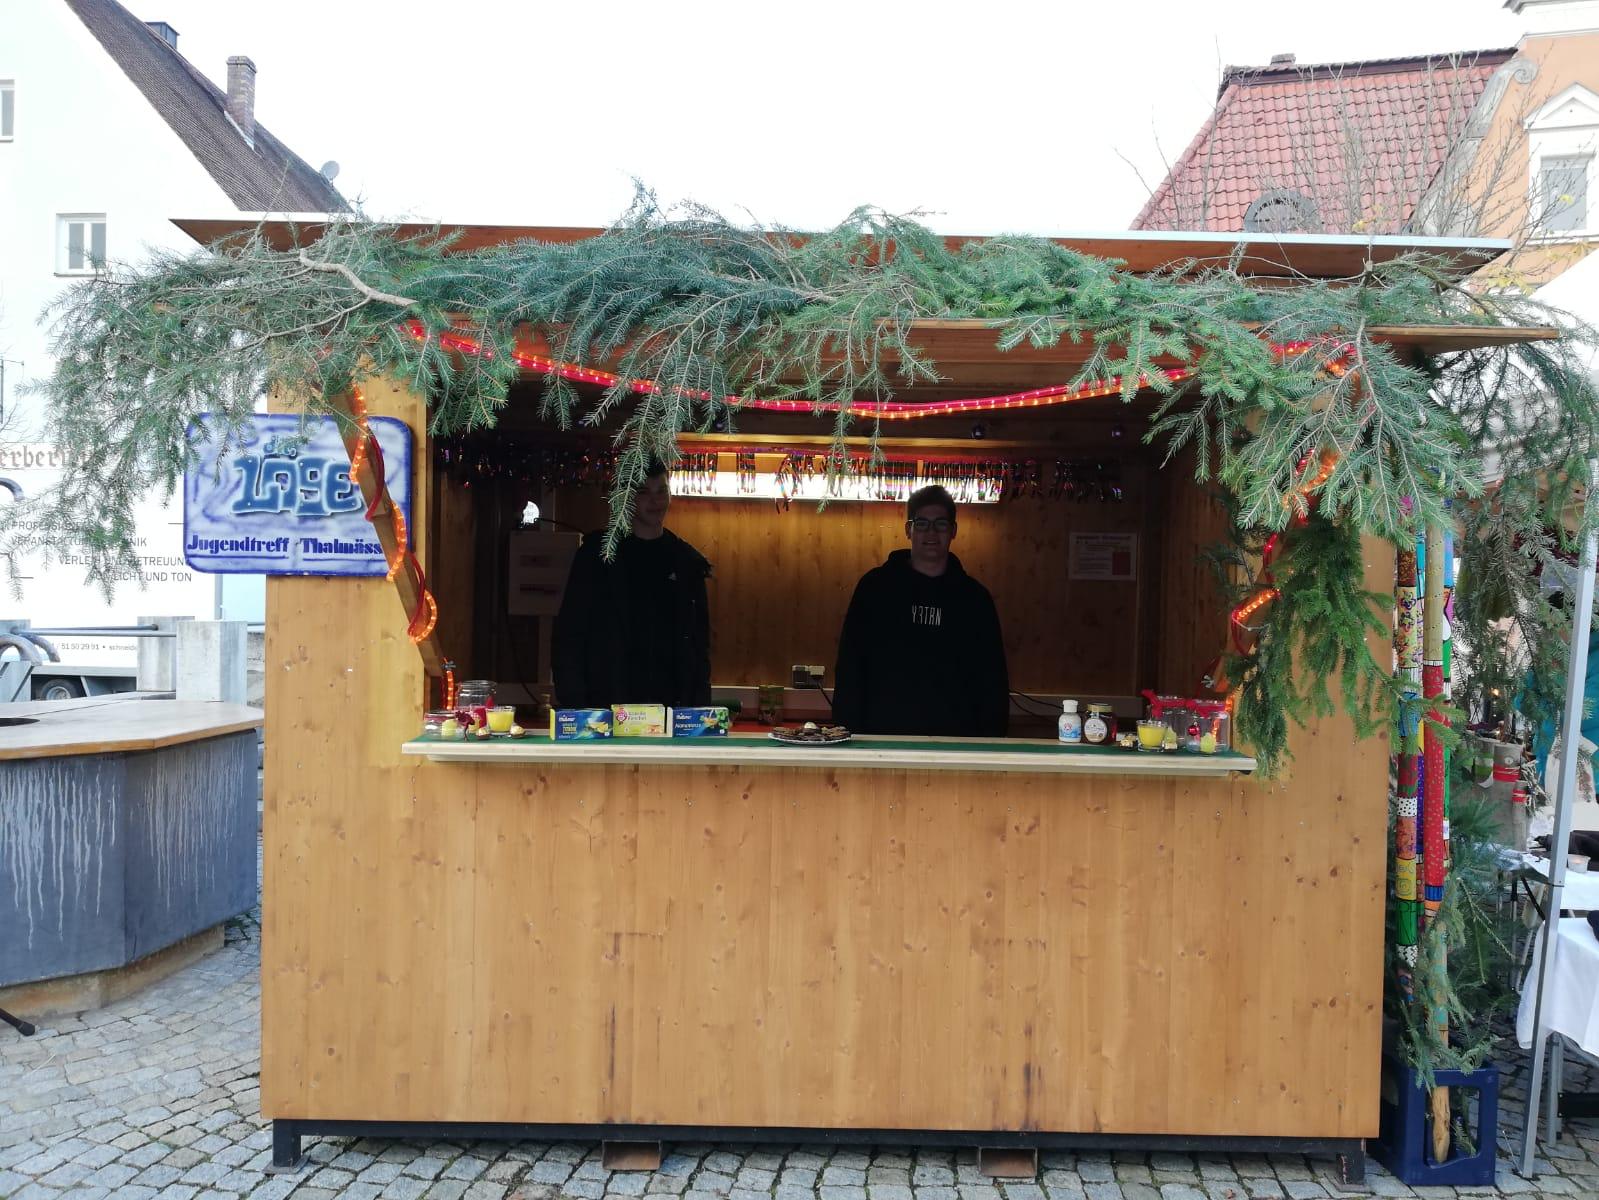 Weihnachtsmarkt am 30.11.2019